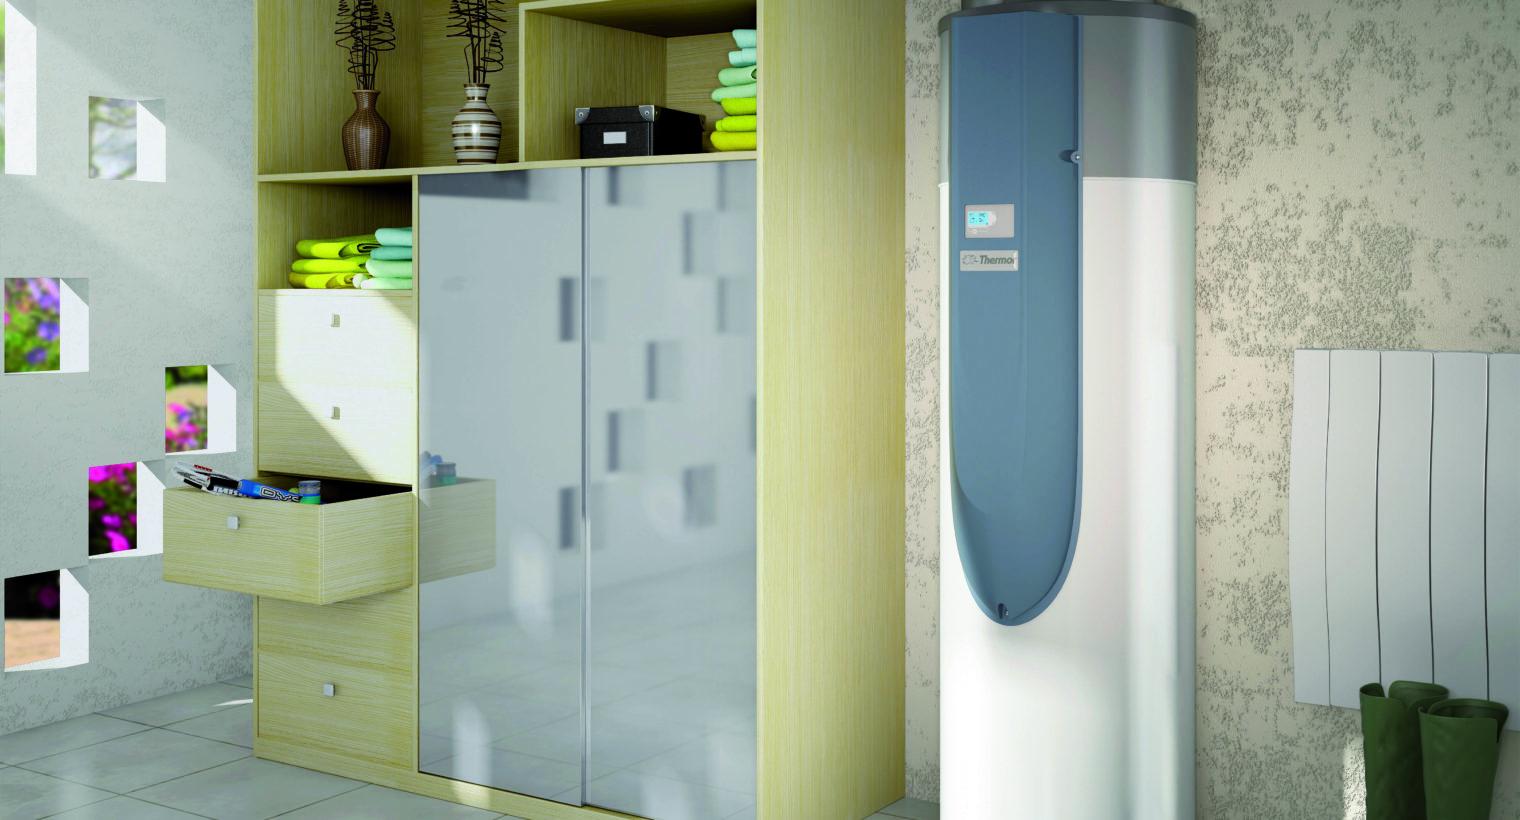 Ballon thermodynamique pour des économies sur votre facture d'eau chaude